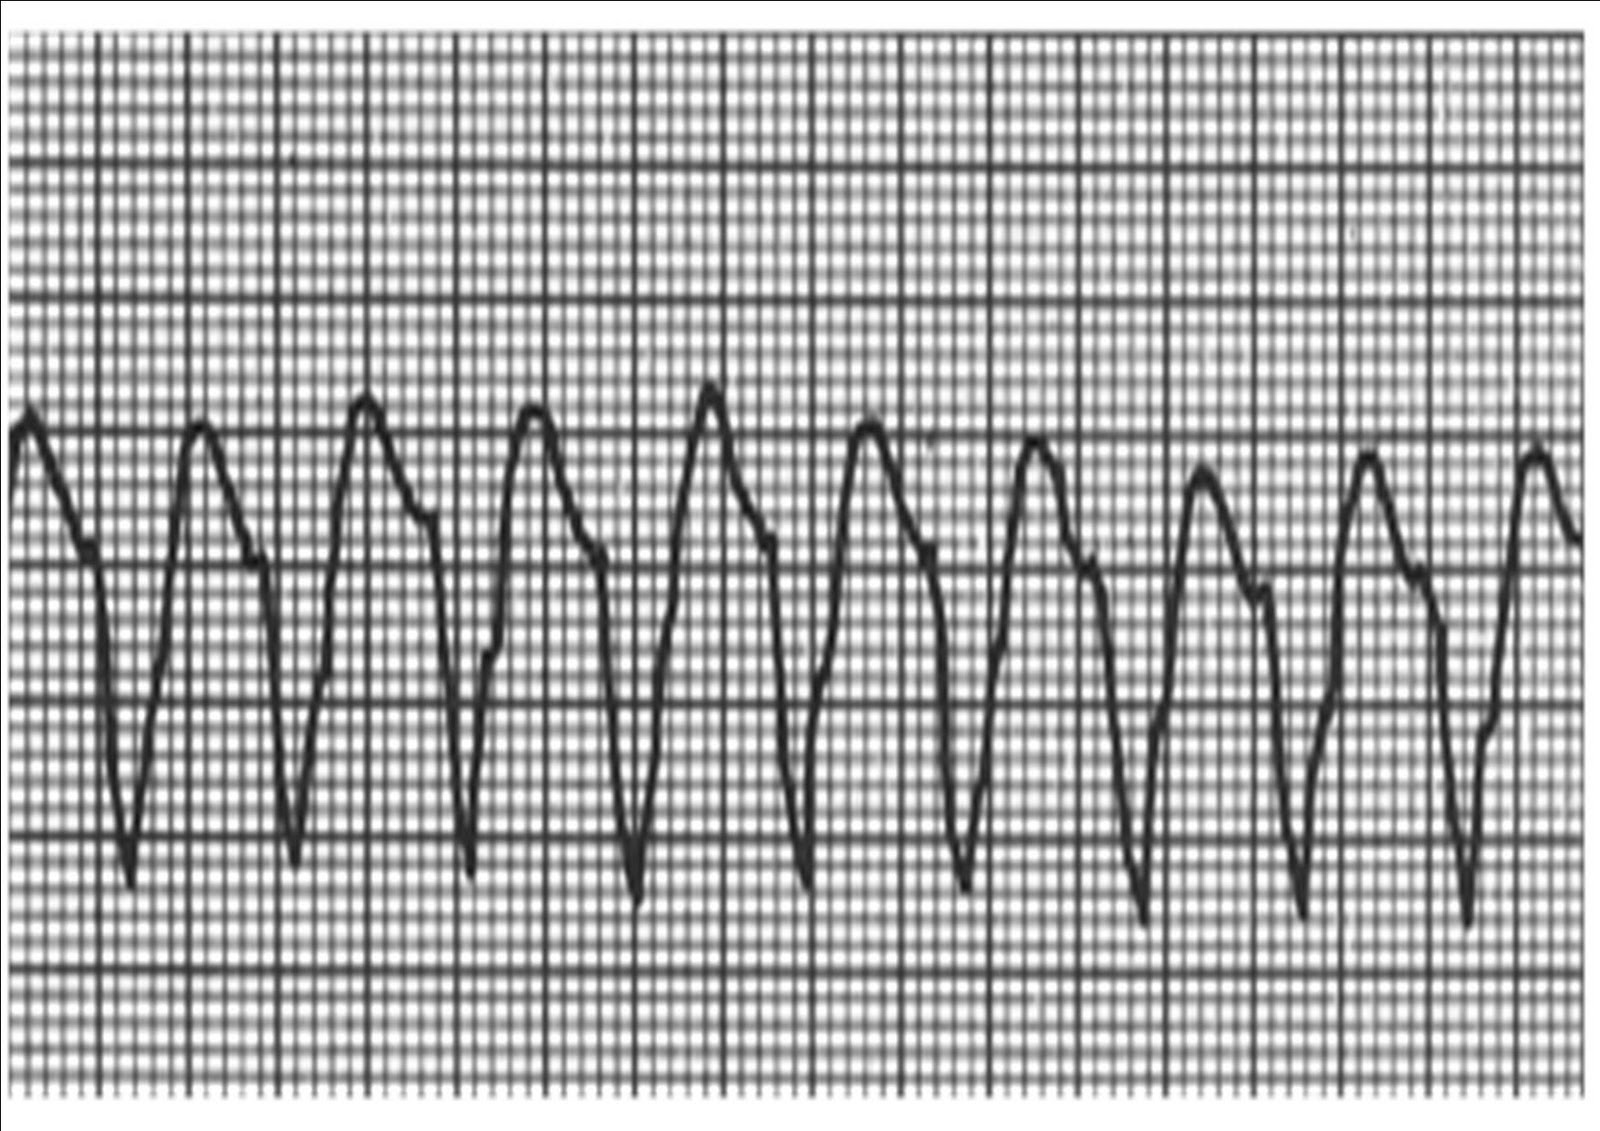 Gambar Segmen St Penyakit Jantung Abufachri Blog Antero